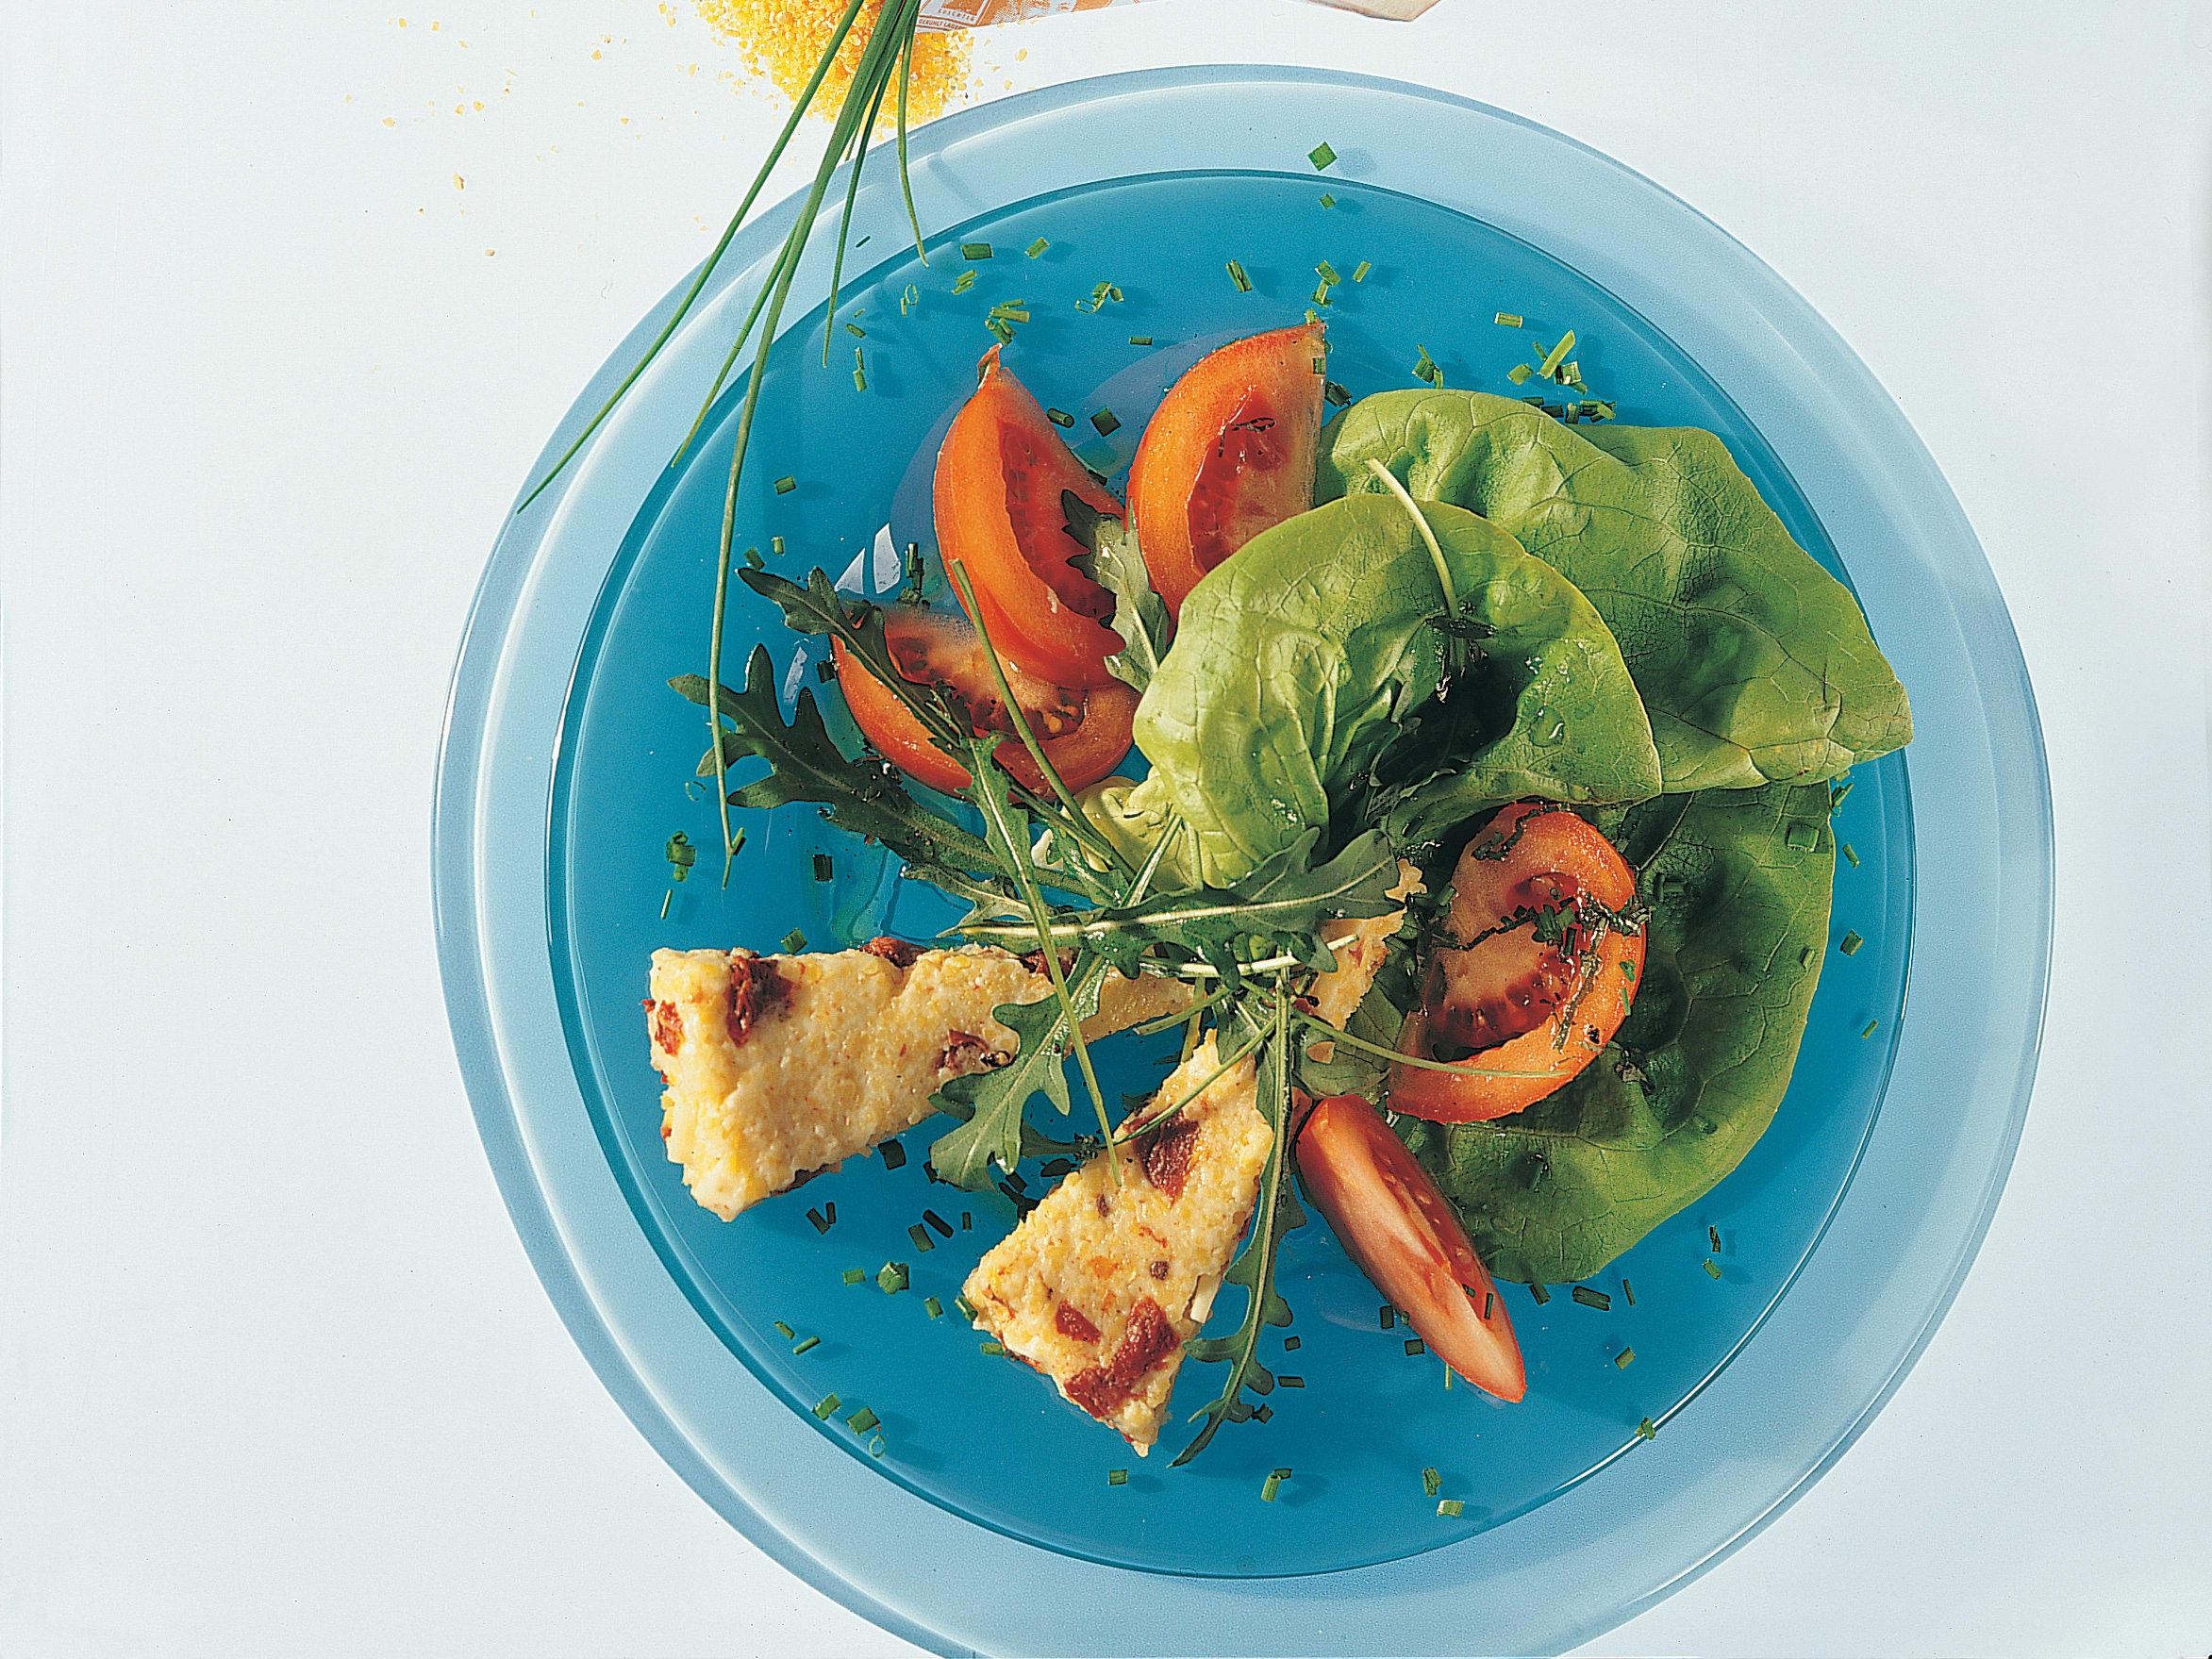 Salade verte aux tomates et ses croquants de maïs